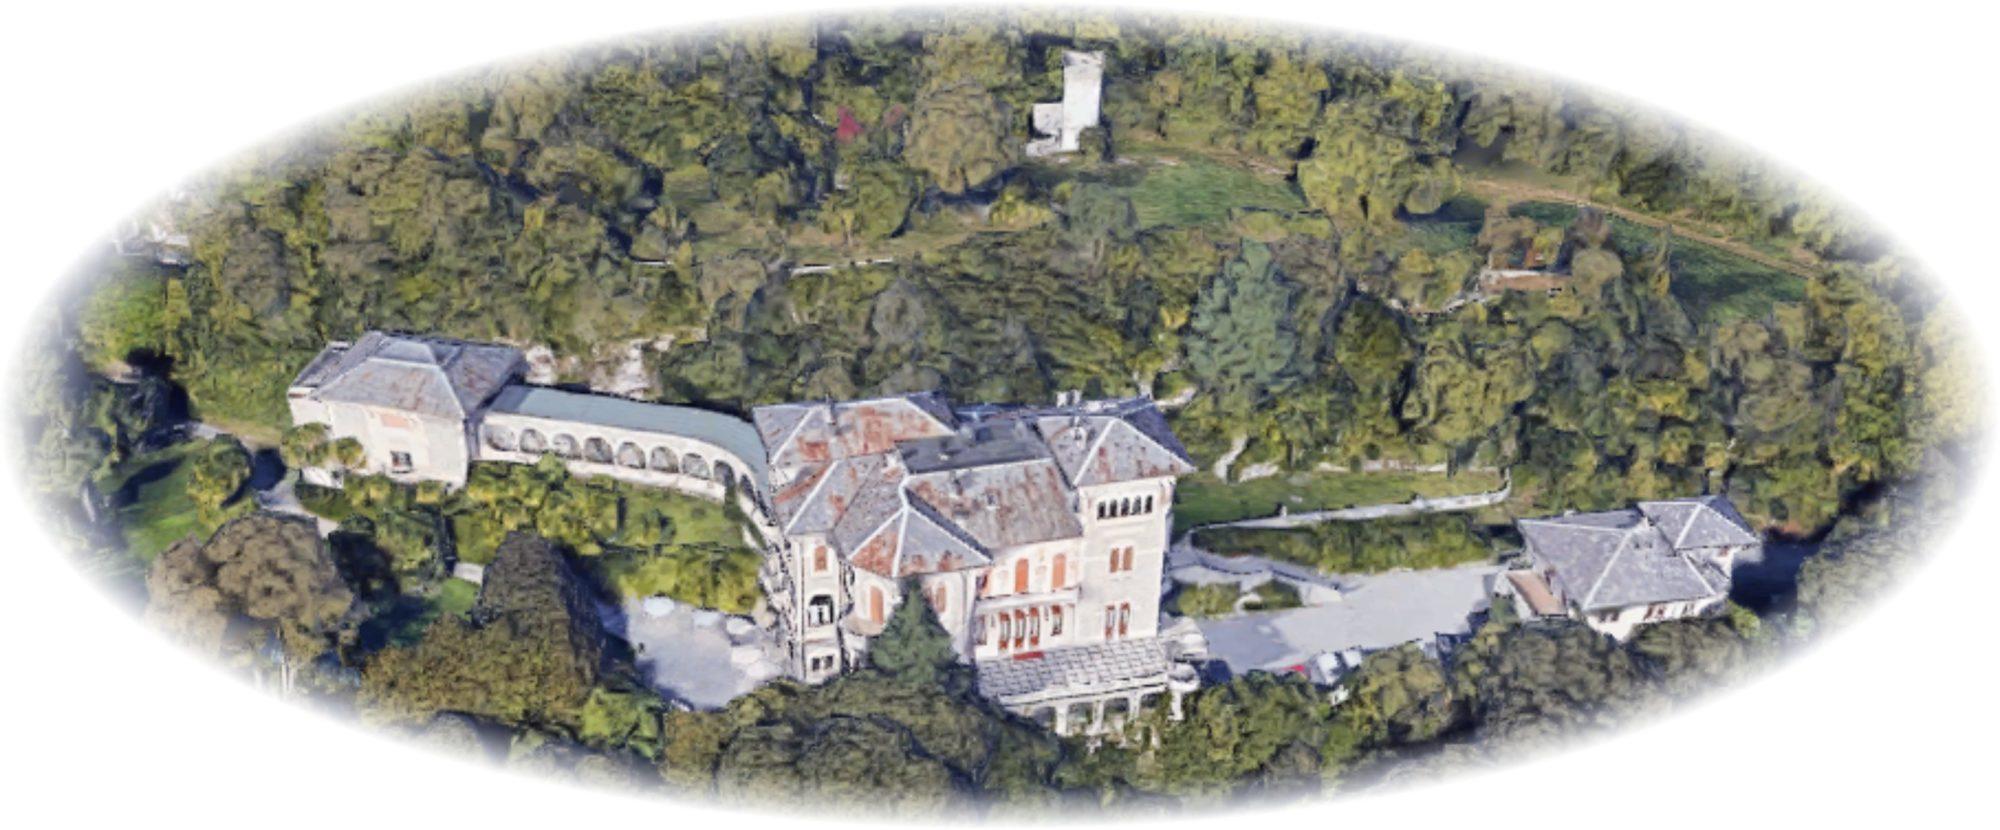 Villa ex magni rizzoli Canzo